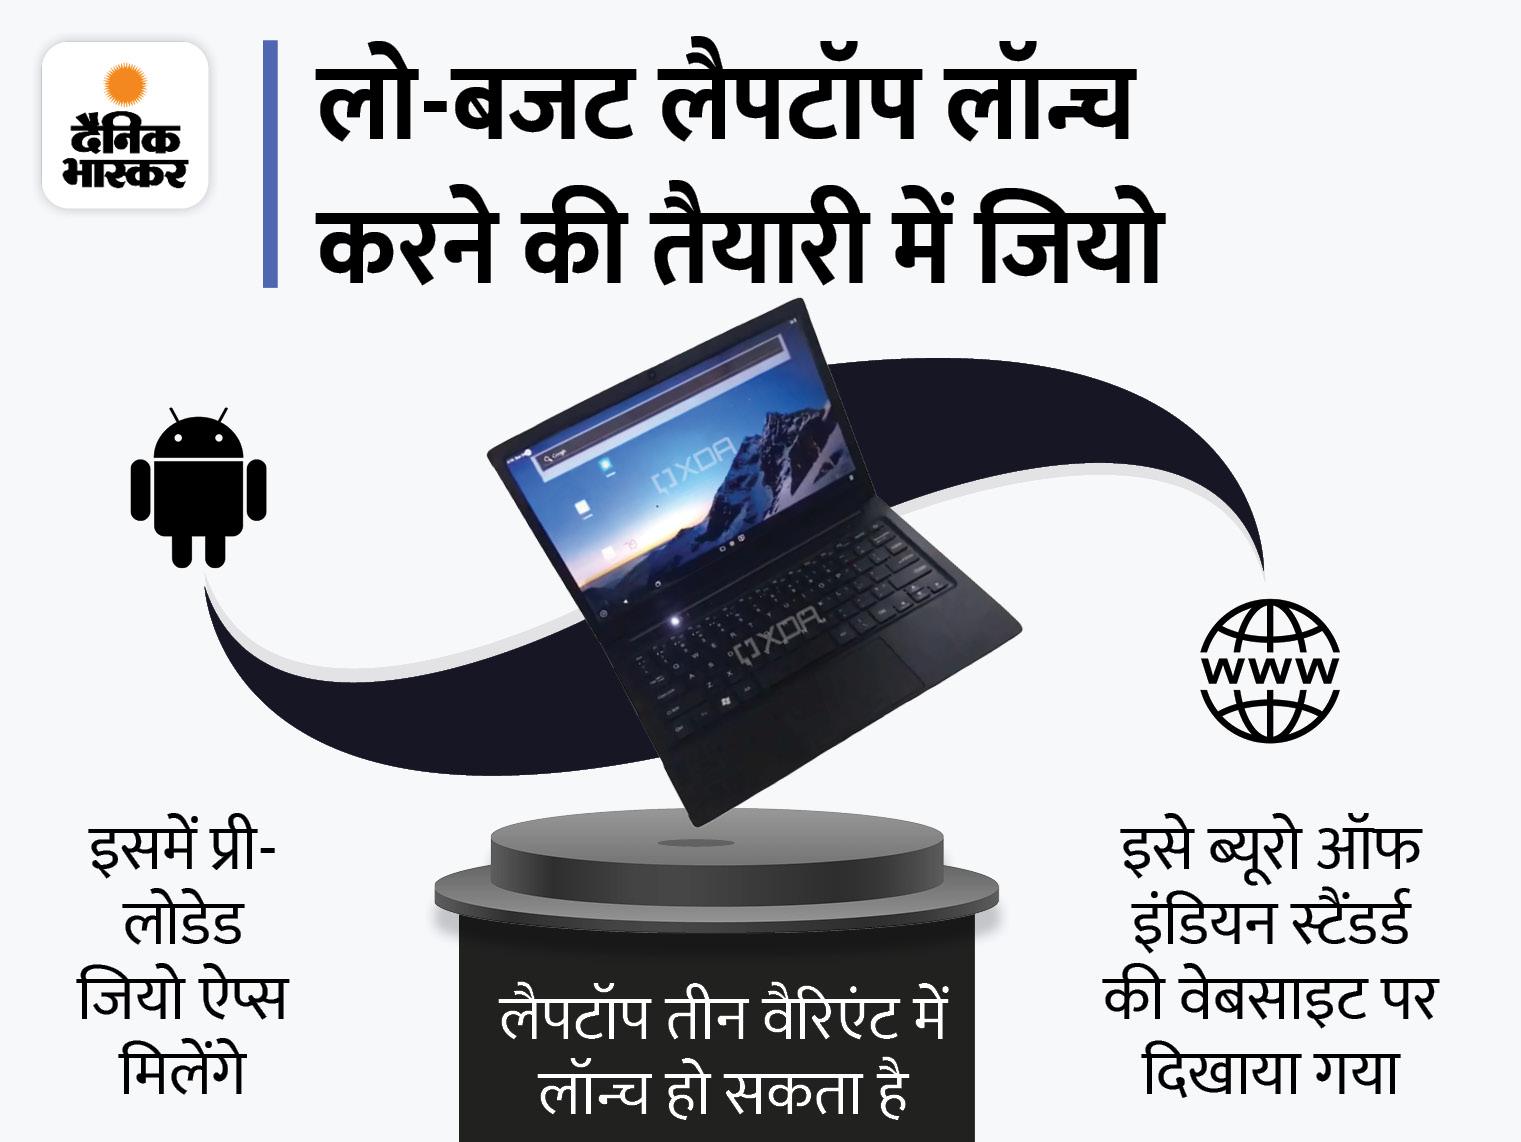 जियोOs और 4G कनेक्टिविटी से होगा लैस, तीन वैरिएंट में हो सकता है लॉन्च|टेक & ऑटो,Tech & Auto - Dainik Bhaskar